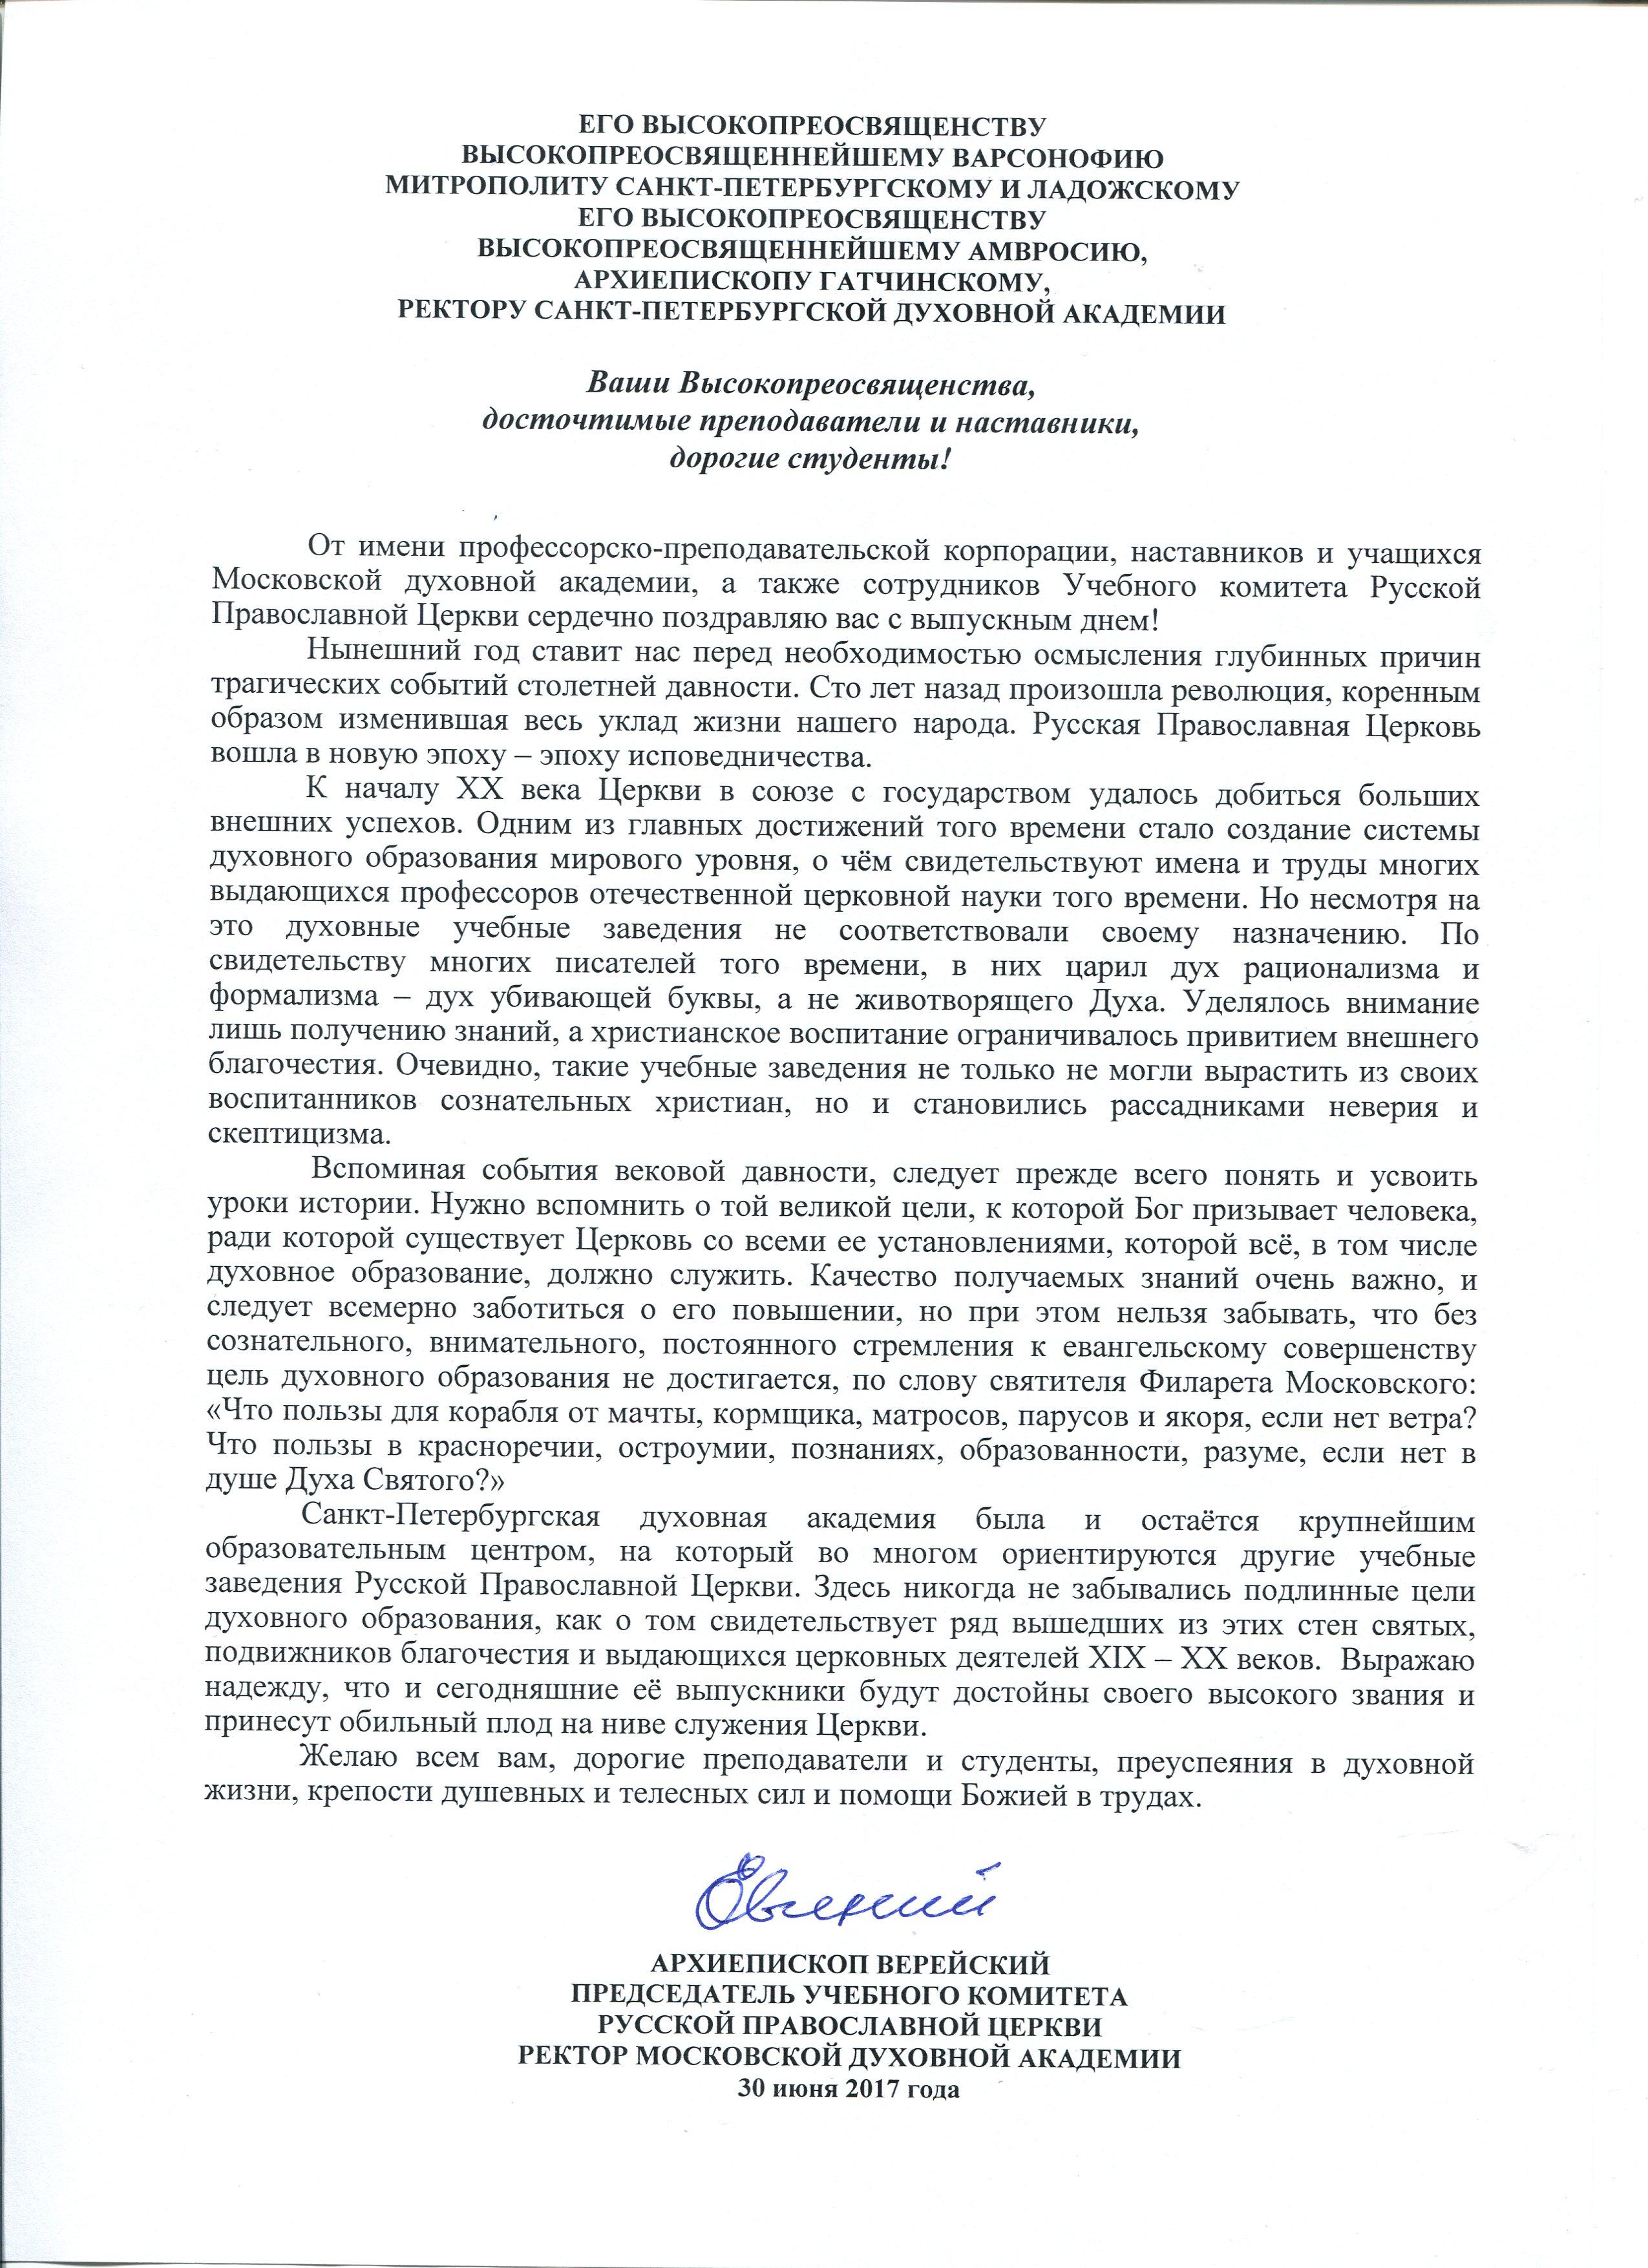 В адрес Духовной Академии поступили поздравления с окончанием учебного года